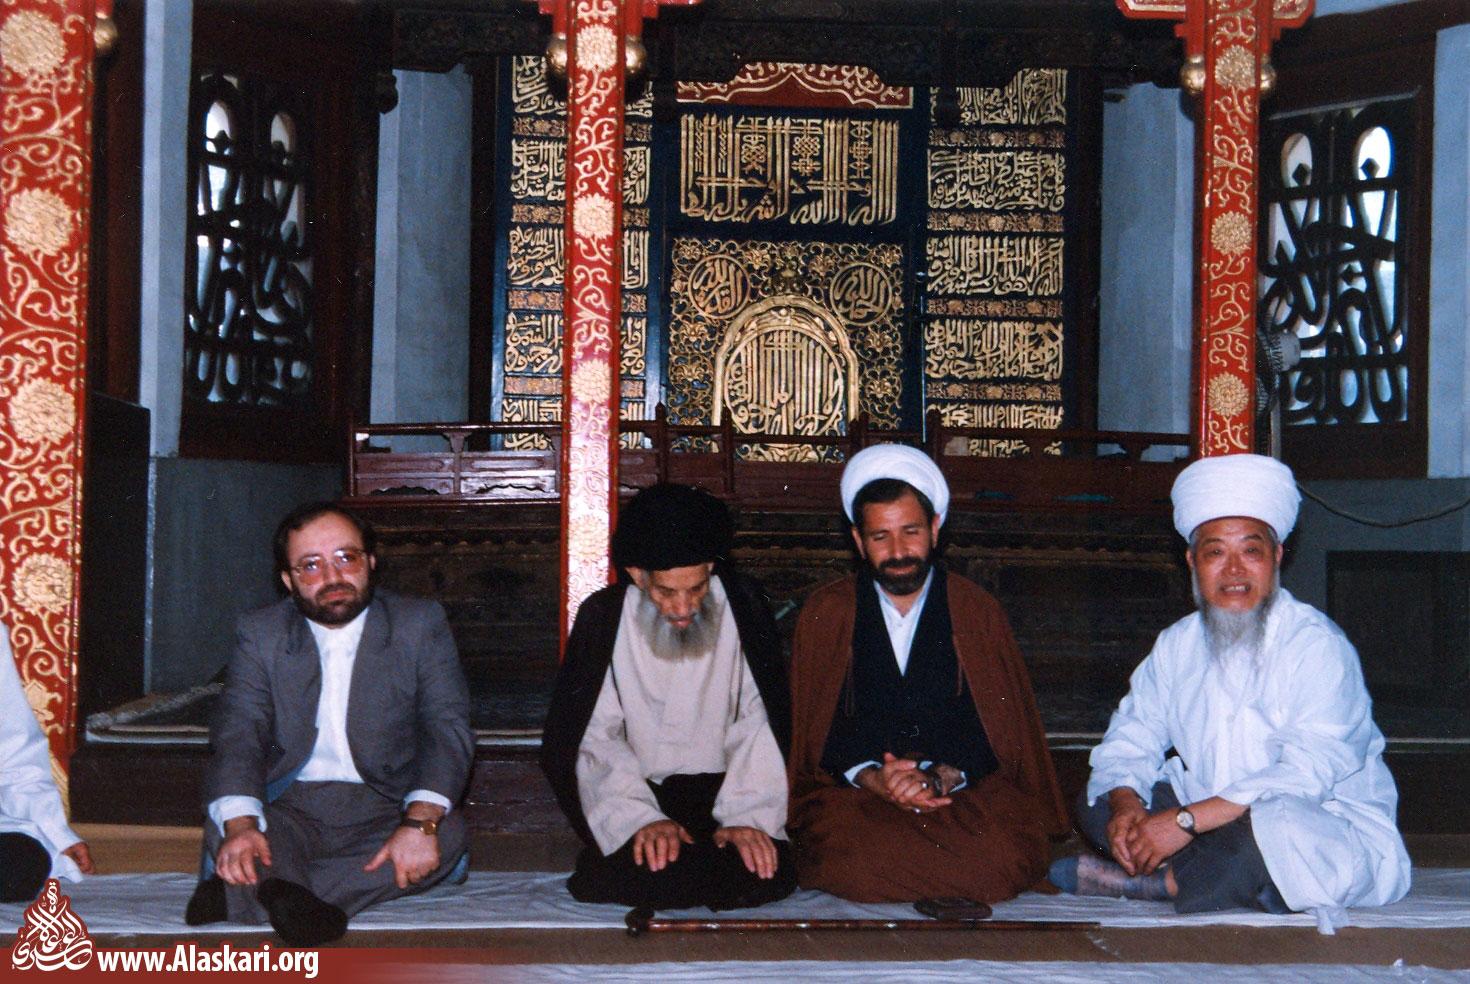 دیدار علامه عسکری با امام جماعت مسجد مسلمانان شهر پکن